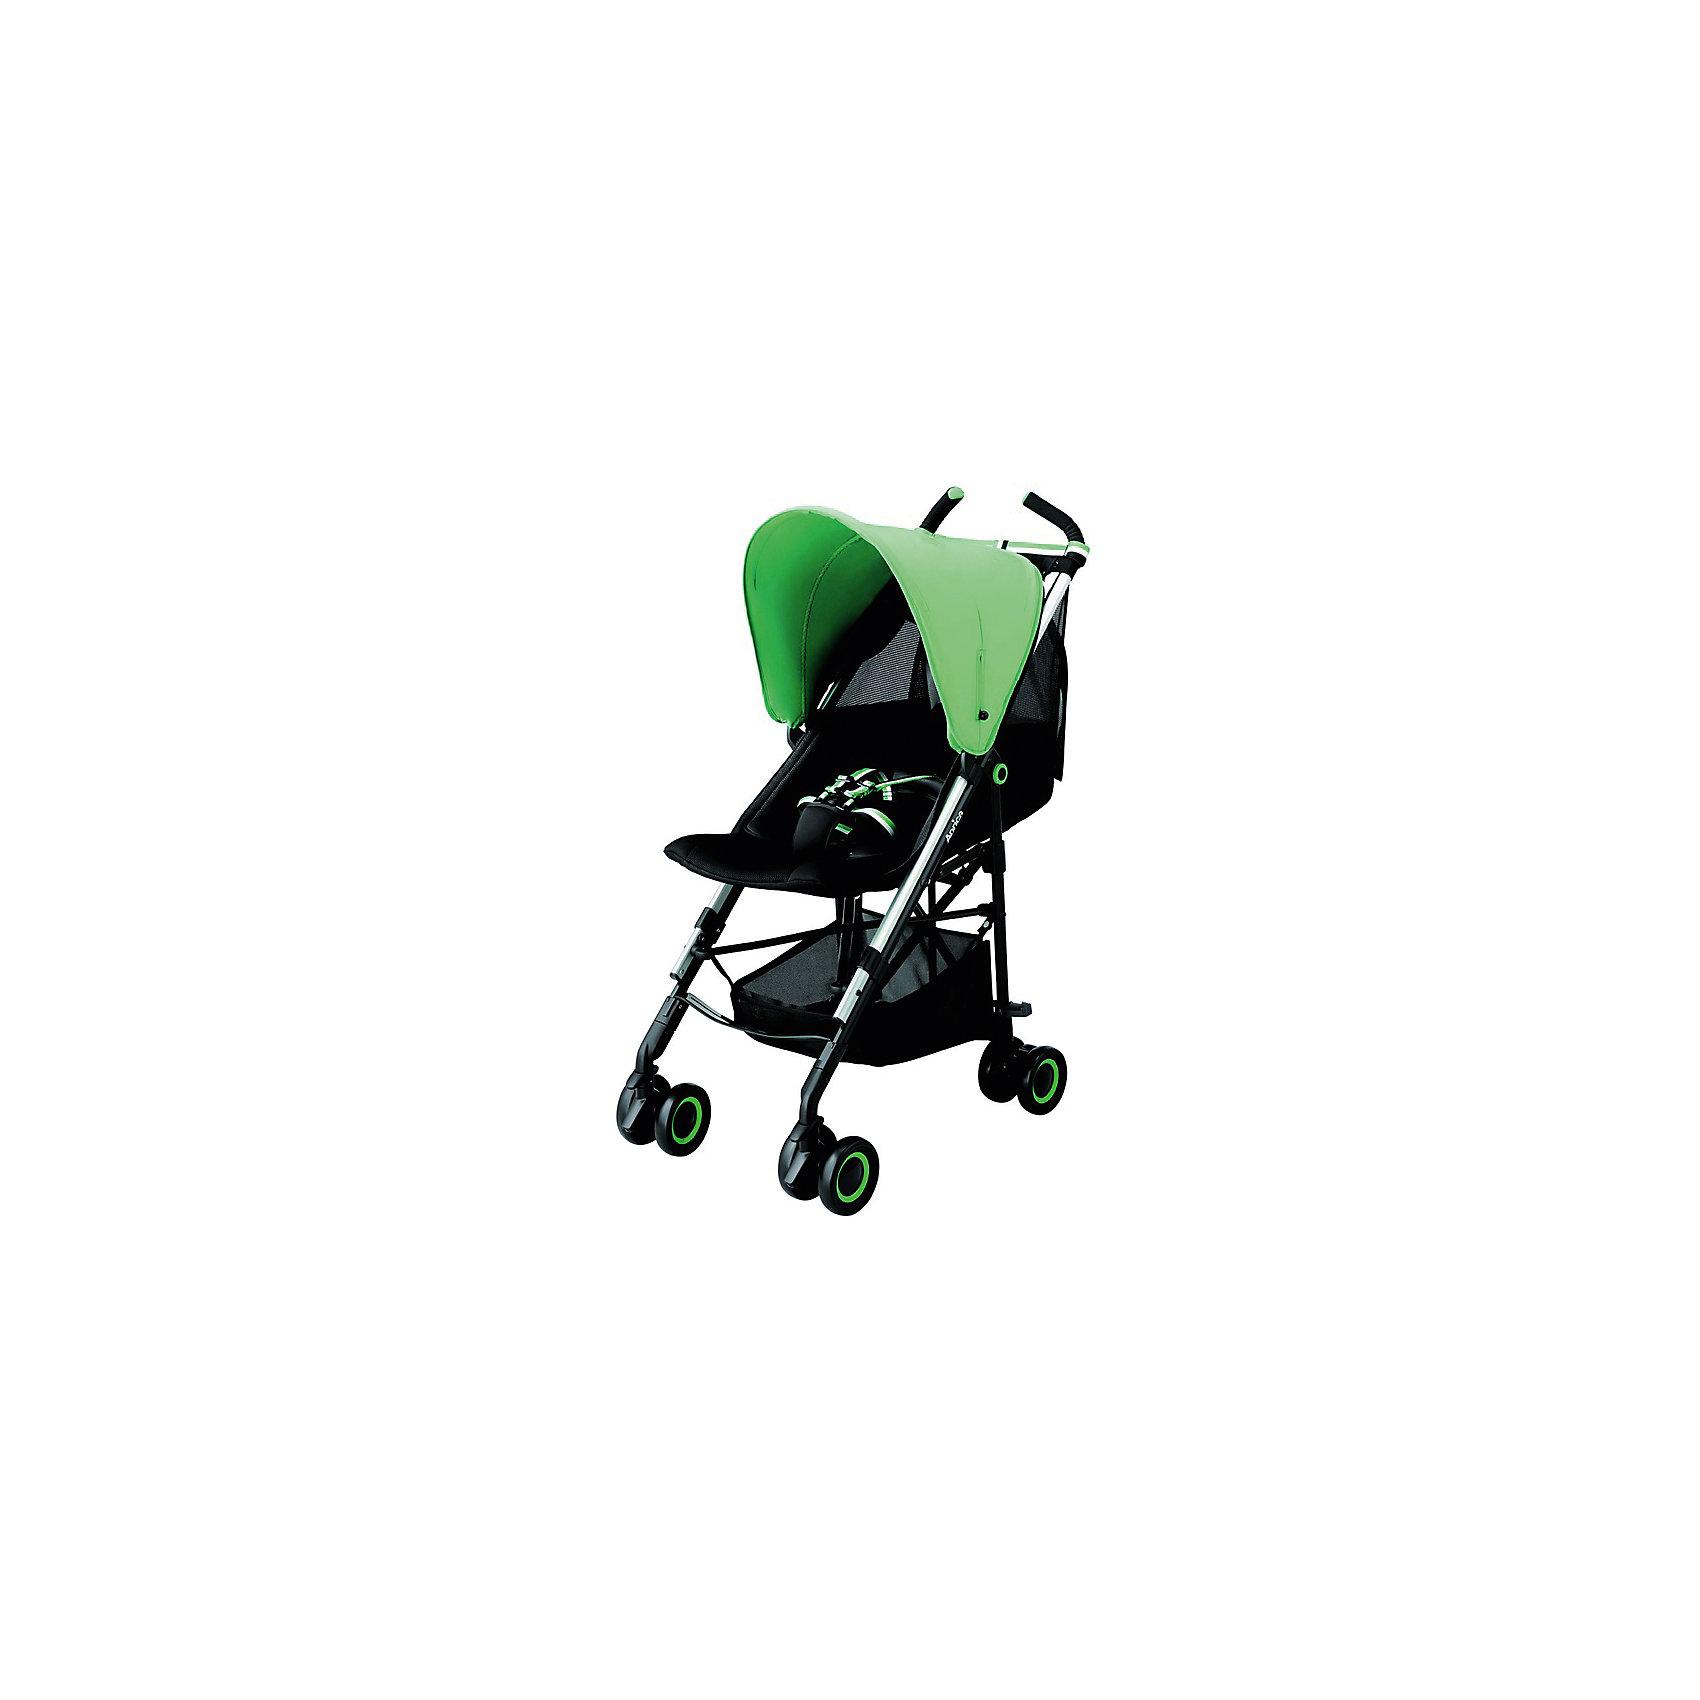 Коляска-трость Aprica STICK Emerald Green, морскойКоляски-трости<br>Характеристики коляски Aprica STICK<br><br>Прогулочный блок: <br><br>• регулируемые по длине 5-ти точечные ремни безопасности;<br>• регулируемый наклон спинки, угол наклона 110-140 градусов;<br>• глубокий капюшон оснащен широким солнцезащитным козырьком;<br>• на капюшоне находится смотровое окошко;<br>• материал: пластик, полиэстер;<br>• высота сиденья от земли: 50 см.<br><br>Шасси коляски: <br><br>• сдвоенные колеса коляски, 4 пары, всего 8 шт.;<br>• передние колеса поворотные с блокировкой;<br>• тип тормоза: ножной;<br>• механизм складывания: трость;<br>• коляска складывается и раскладывается одной рукой;<br>• рама складывается вместе с прогулочным блоком;<br>• коляска оснащена плечевым ремнем для переноски на плече в сложенном виде;<br>• материал рамы: алюминий.<br><br>Размер коляски: 49х86х105 см<br>Размер коляски в сложенном виде: 32х26х99 см<br>Вес коляски: 5,9 кг<br><br>Комплектация:<br><br>• прогулочная коляска STICK;<br>• инструкция. <br><br>Коляску-трость STICK Emerald Green, Aprica, цвет морской можно купить в нашем интернет-магазине.<br><br>Ширина мм: 550<br>Глубина мм: 380<br>Высота мм: 1070<br>Вес г: 5900<br>Возраст от месяцев: 0<br>Возраст до месяцев: 36<br>Пол: Унисекс<br>Возраст: Детский<br>SKU: 5451748